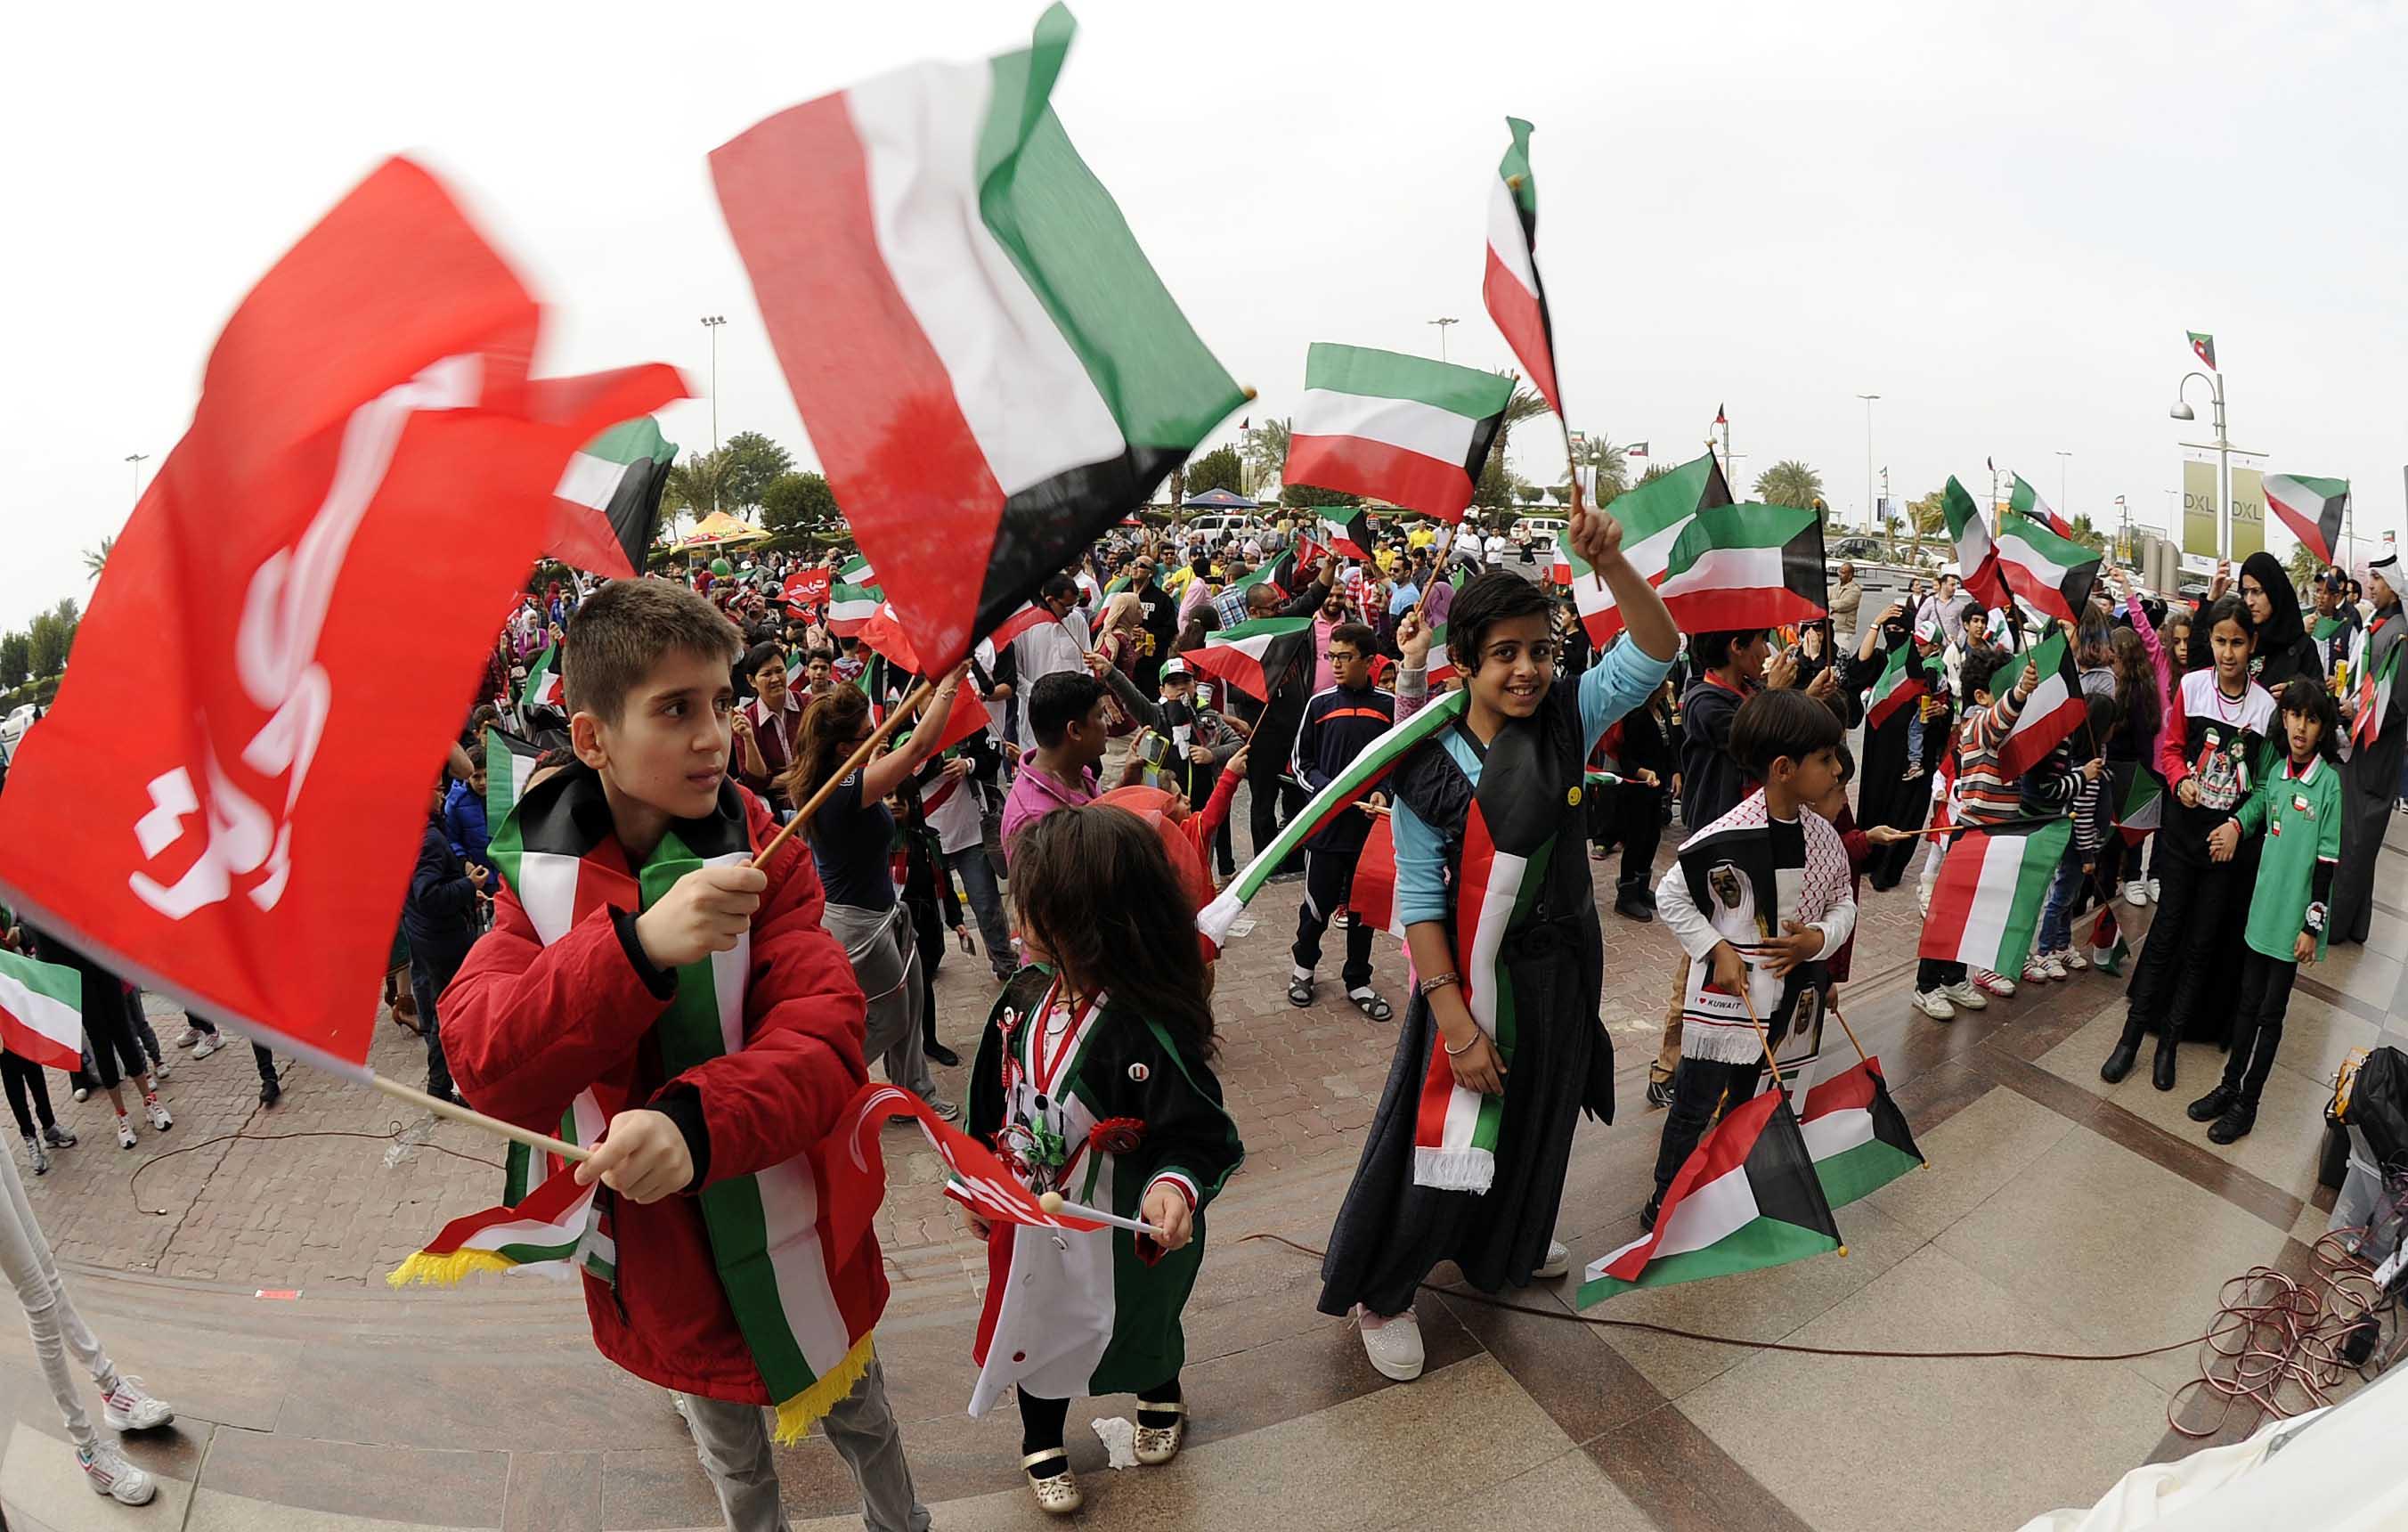 العيد الوطني الكويتي يتزامن مع أسوأ أزمة اقتصادية